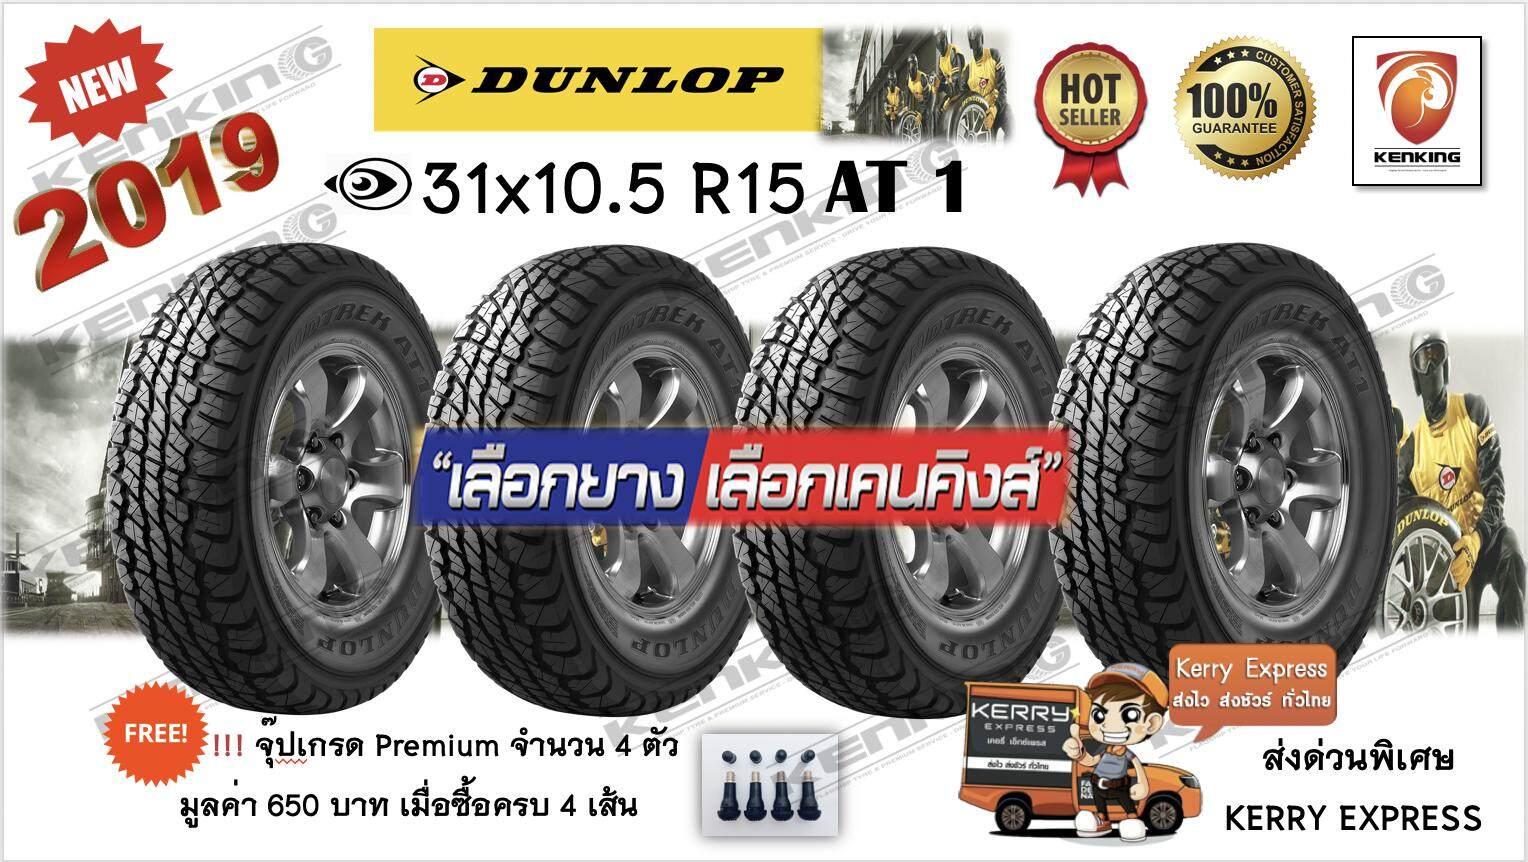 ระนอง ยางรถยนต์ขอบ15 Dunlop 31x10.5 R15 AT1 NEW!! 2019  ( 4 เส้น ) FREE !! จุ๊ป PREMIUM BY KENKING POWER 650 บาท MADE IN JAPAN แท้ (ลิขสิทธิืแท้รายเดียว)